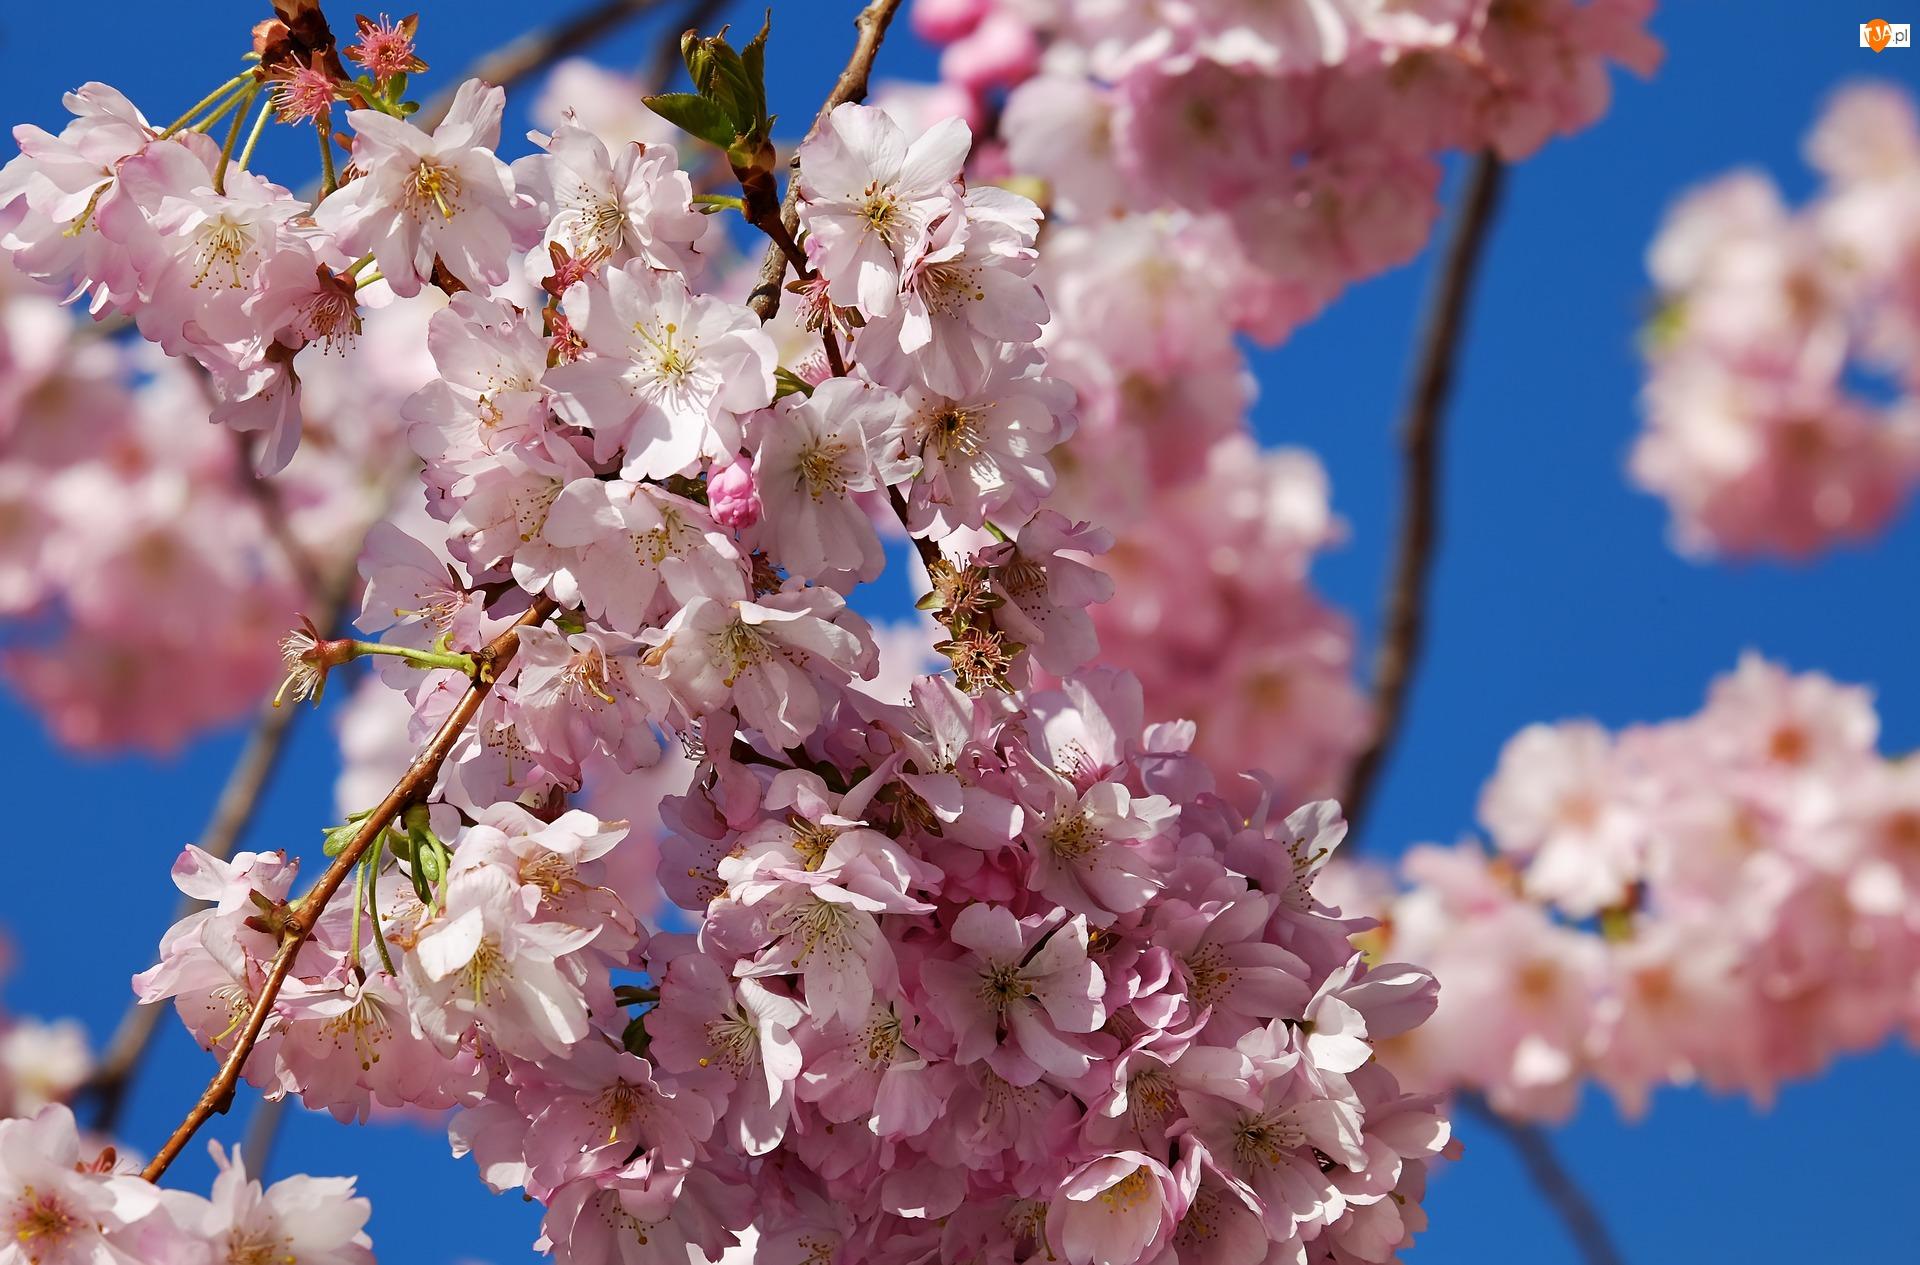 Kwiaty, Drzewo owocowe, Wiśnia, Różowe